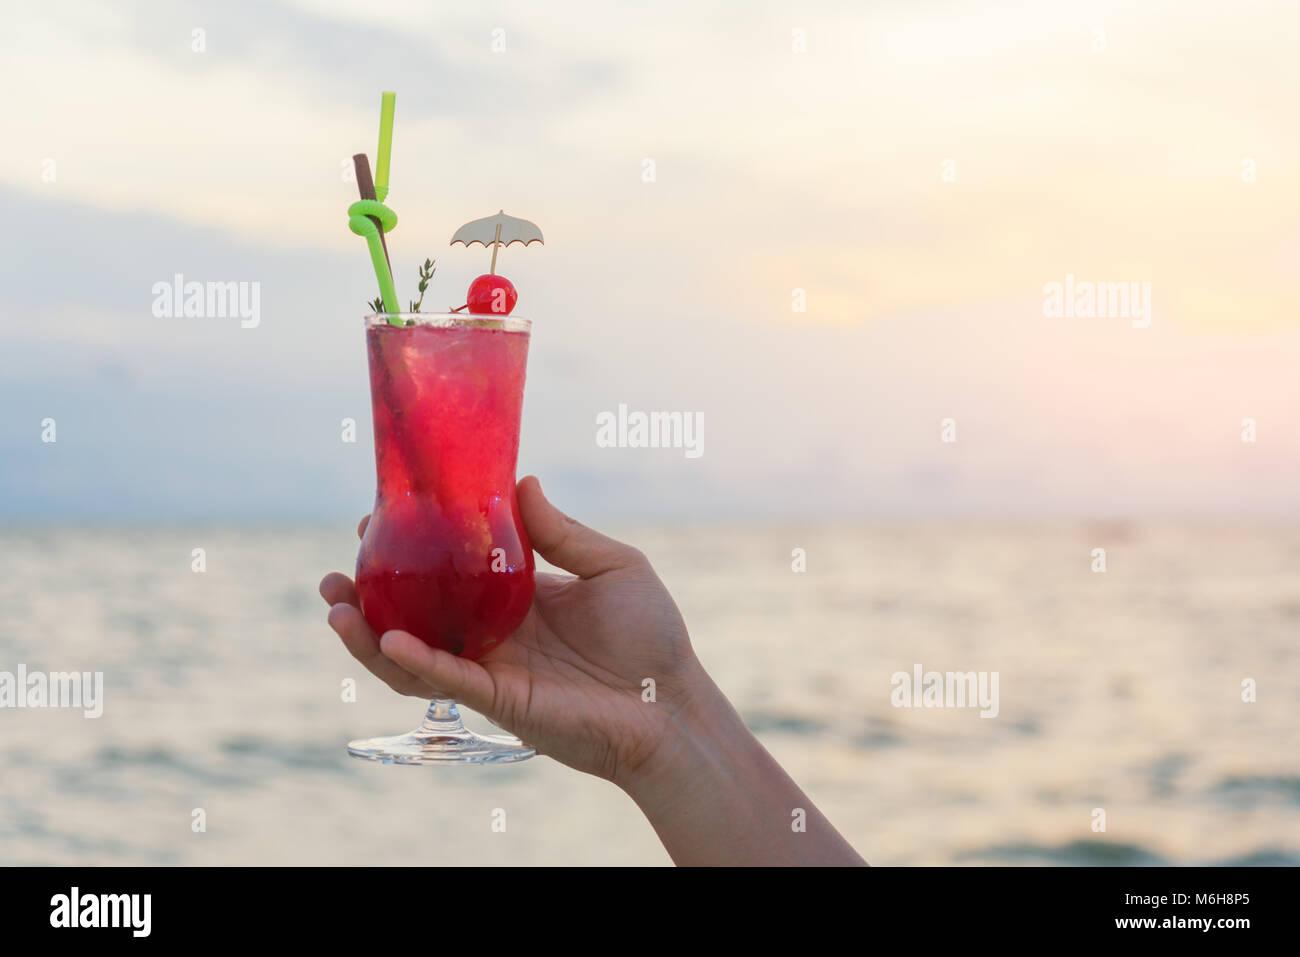 Mano sujetando cóctel rojo en el fondo del cielo y el mar al atardecer. El verano, las vacaciones, los viajes Imagen De Stock